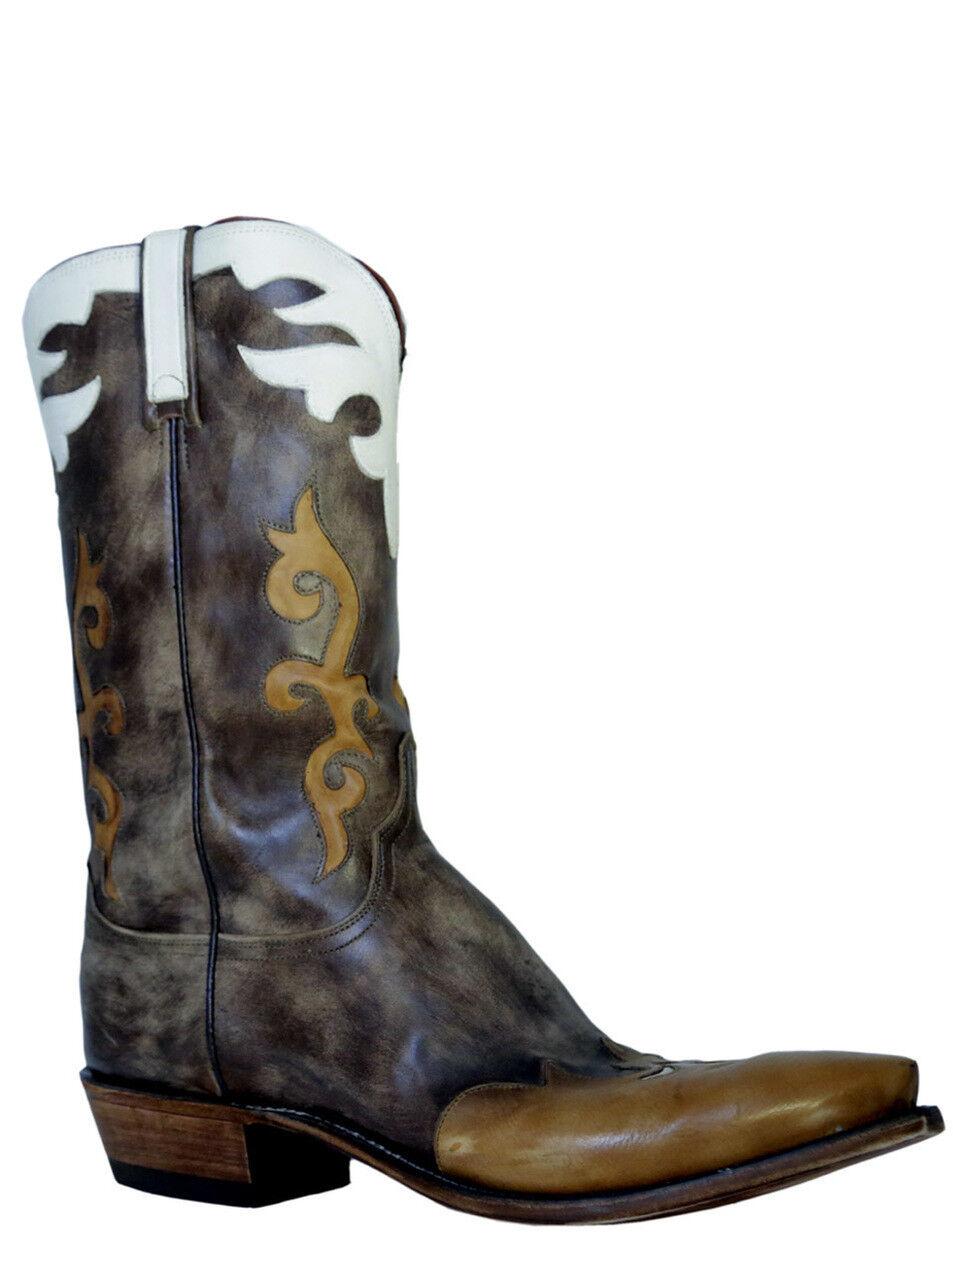 Lucchese Para Hombre botas Vaqueras Buffalo 1883 N9516.54 Marrón Envejecido Antiguo